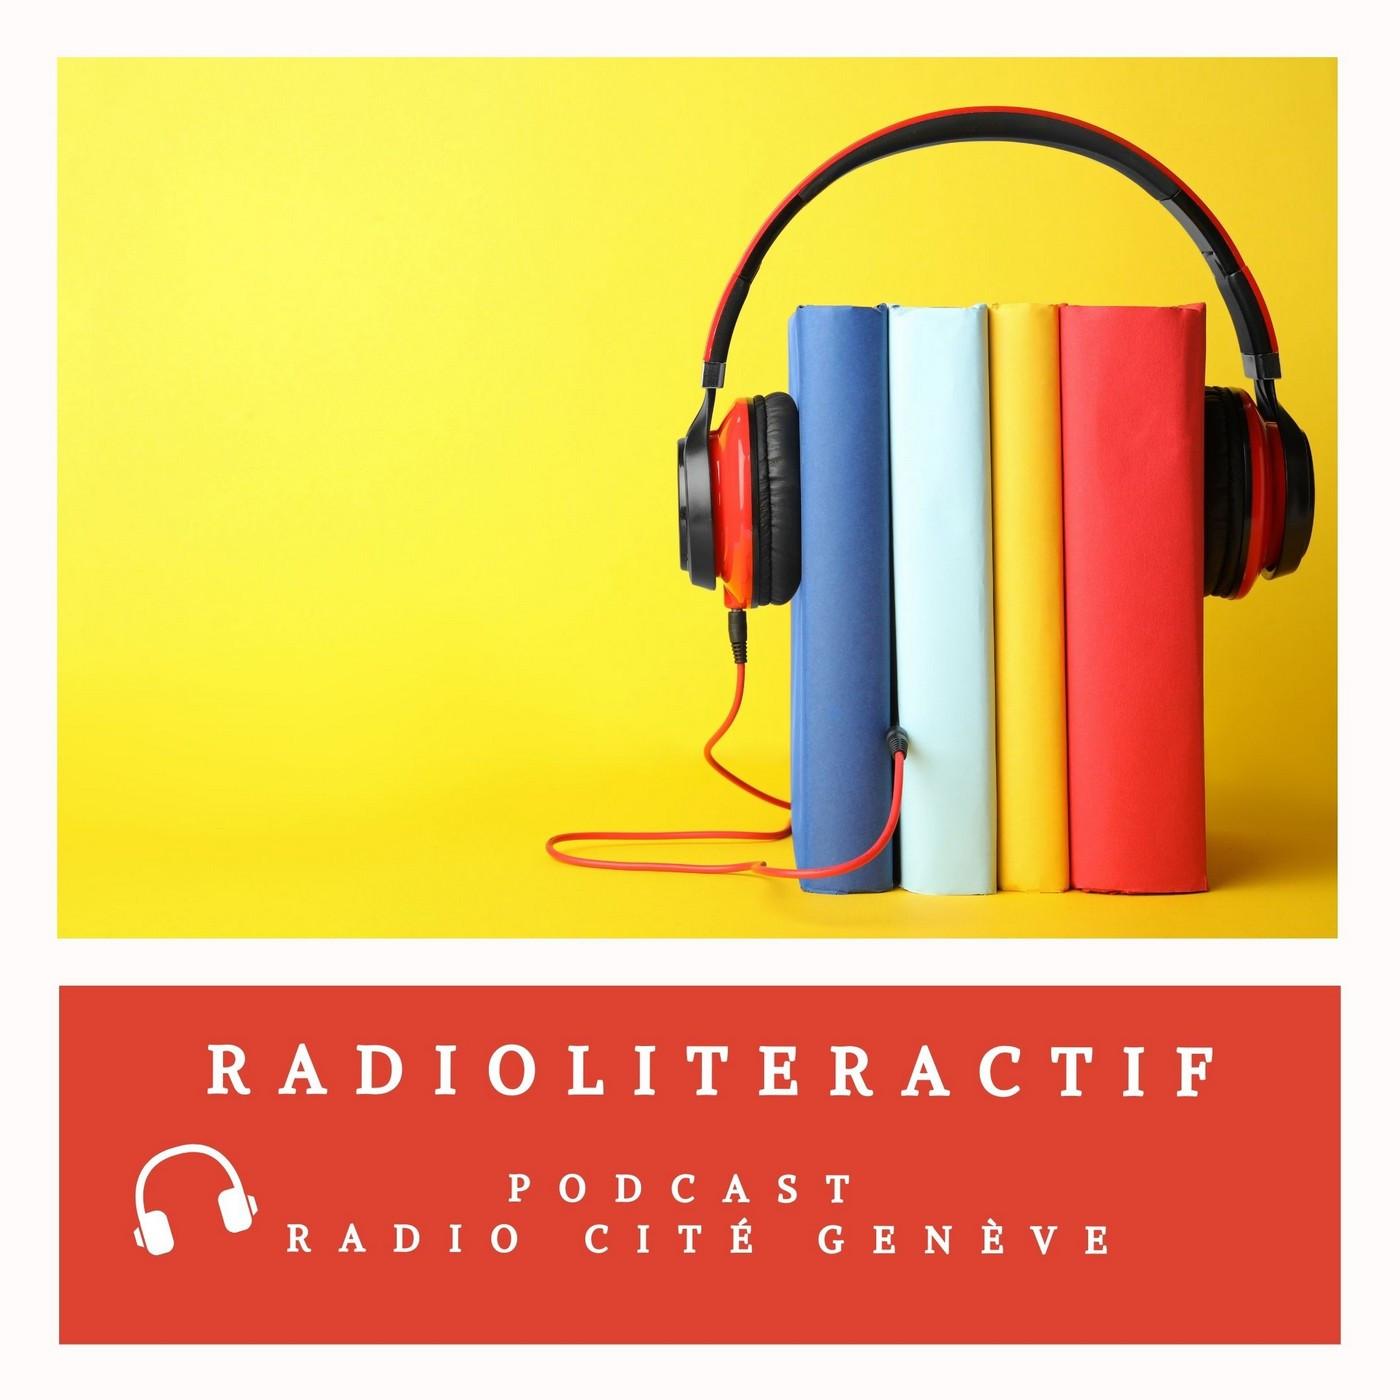 Radioliteractif du 02/11/20 - Marcel Schüpbach